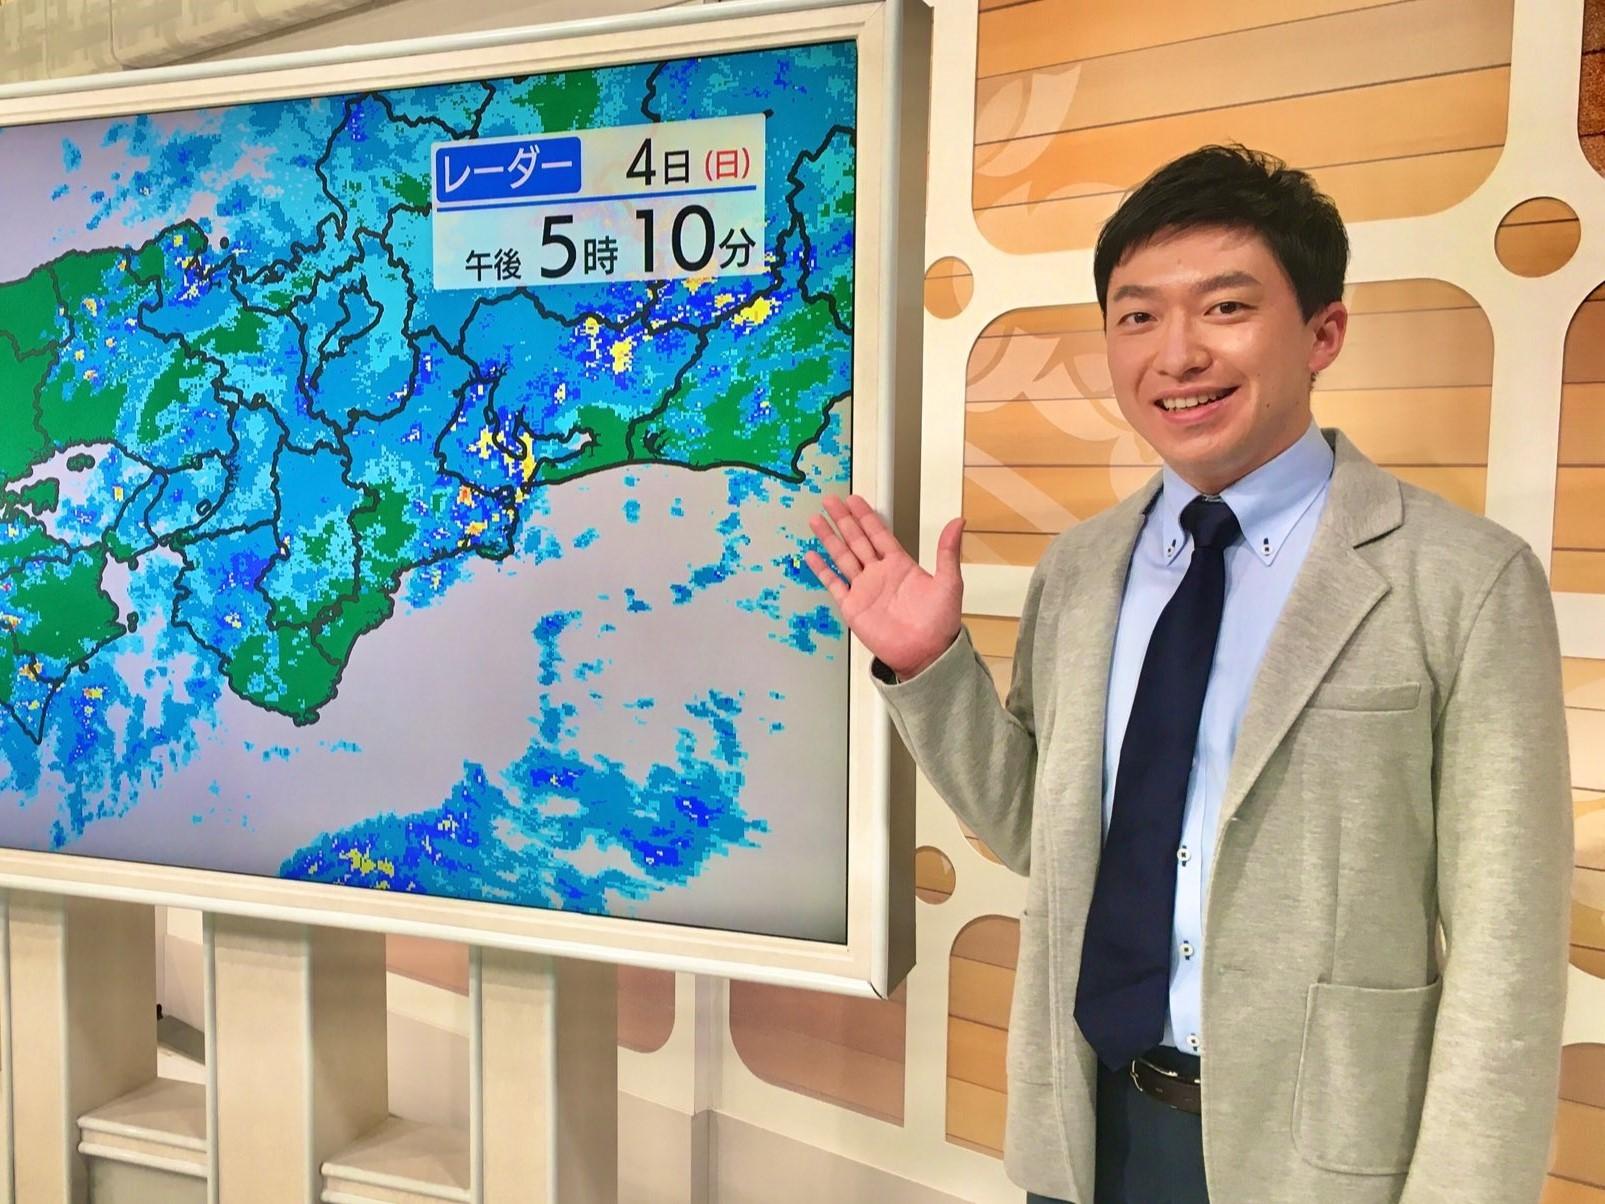 京都出身・気象予報士 前田智宏さんが語る #1 学生時代編